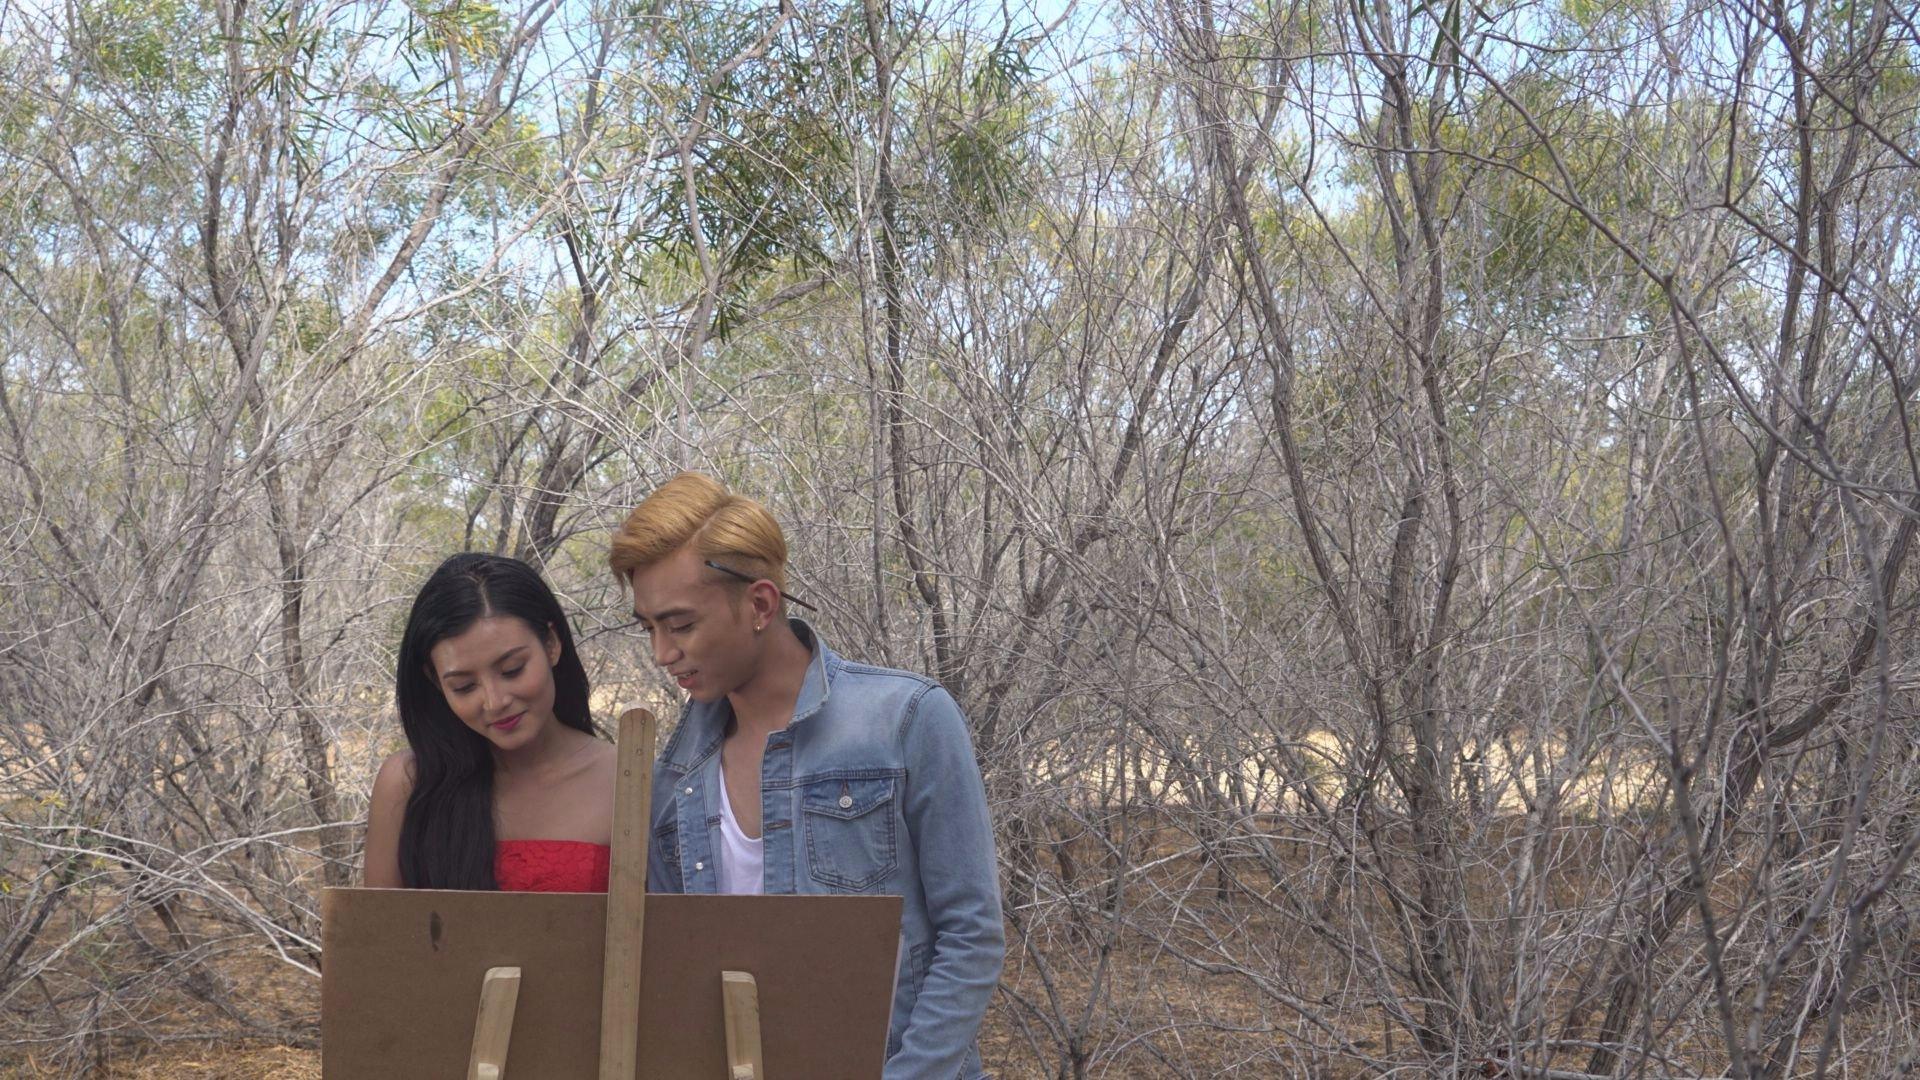 Đã đúng như dự đoán, ca khúc mới của Soobin Hoàng Sơn hay không hề thua kém Phía sau một cô gái - Ảnh 3.